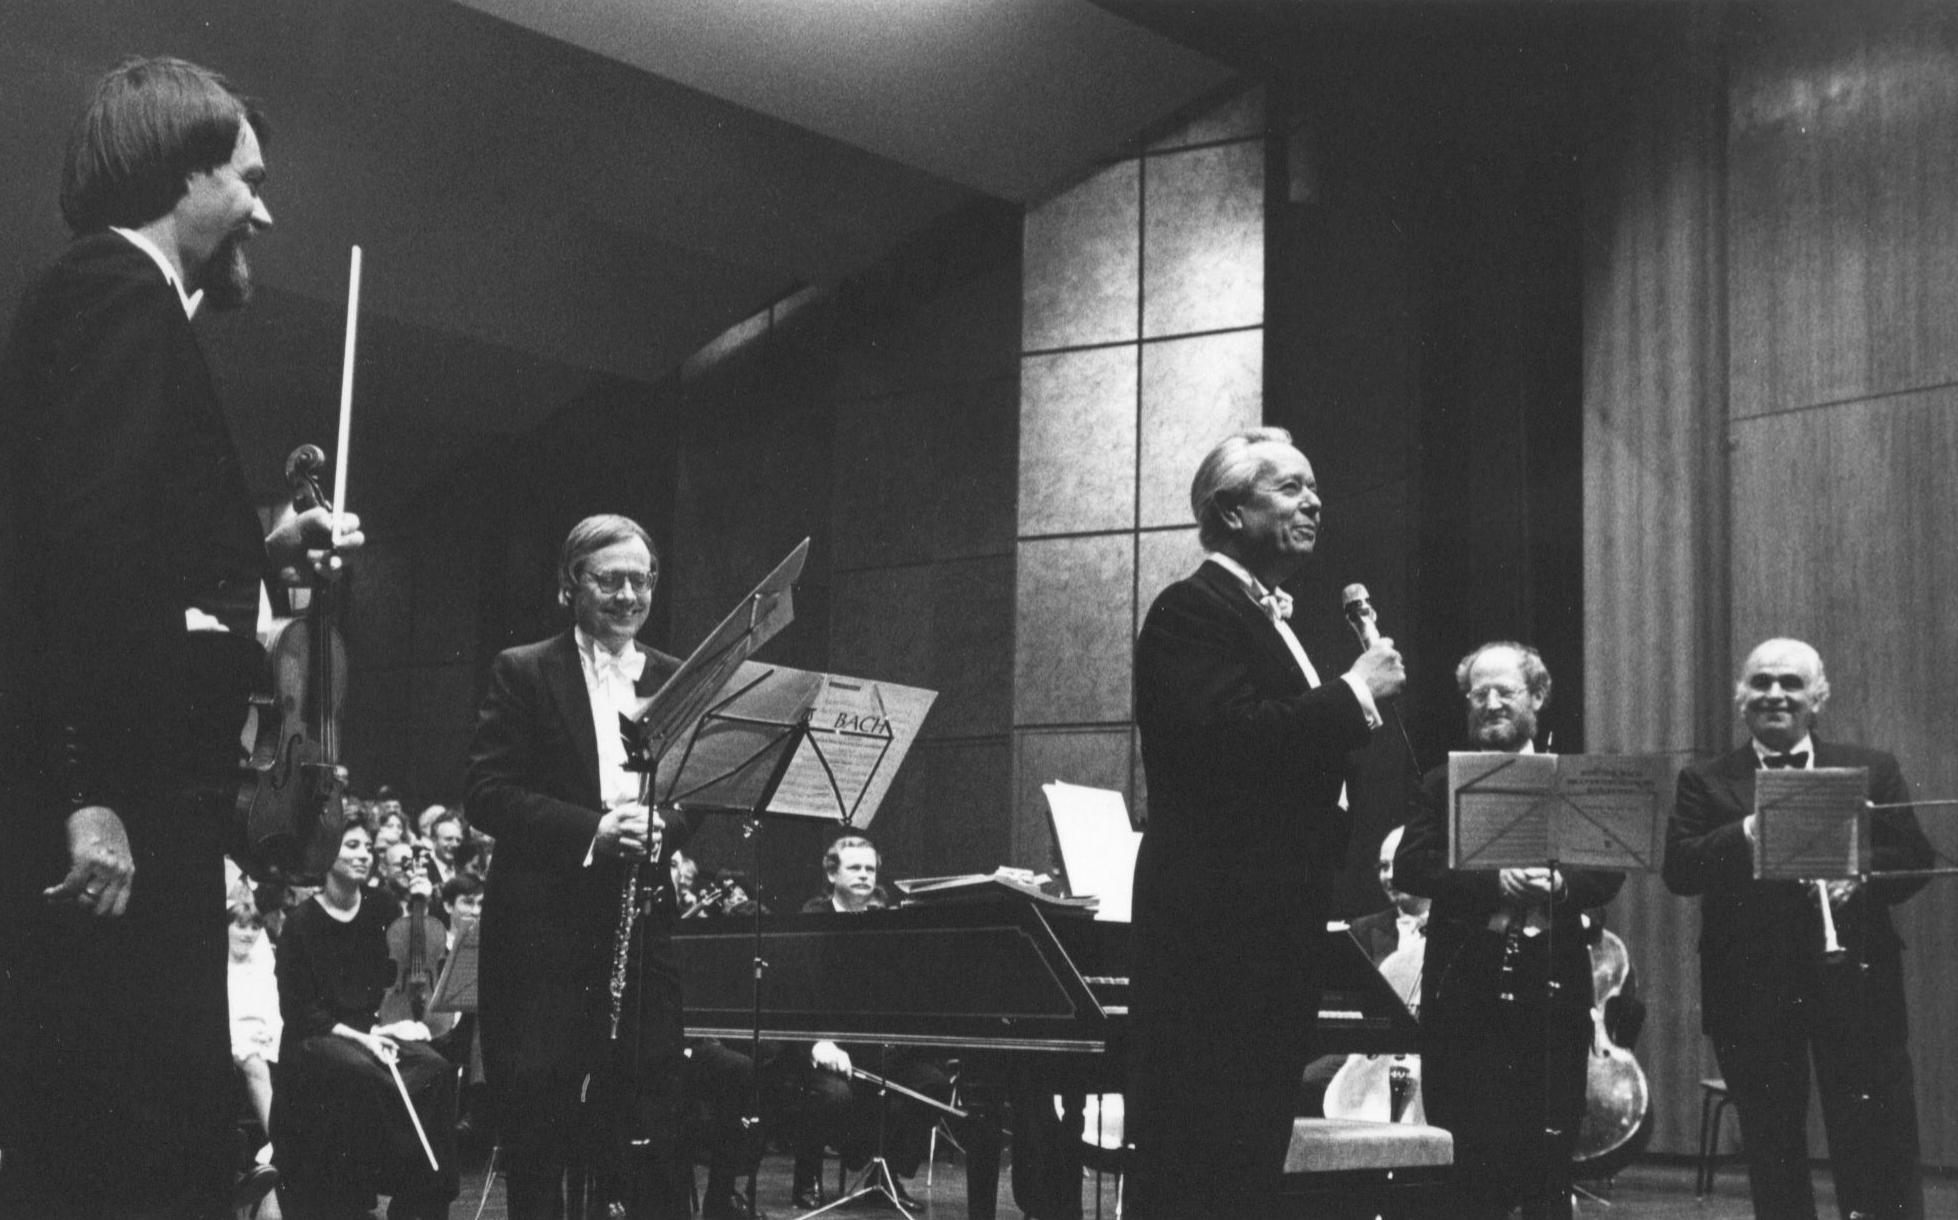 Stadthalle Bayreuth, 4. Mai 1989:  Johann Sebastian Bach, Zweites Brandenburgisches Konzert mit Maurice André (Trompete), Gunther Pohl (Flöte, Mitte), Walter Forchert (Violine, links) und Viktor Lukas (Leitung, rechts)